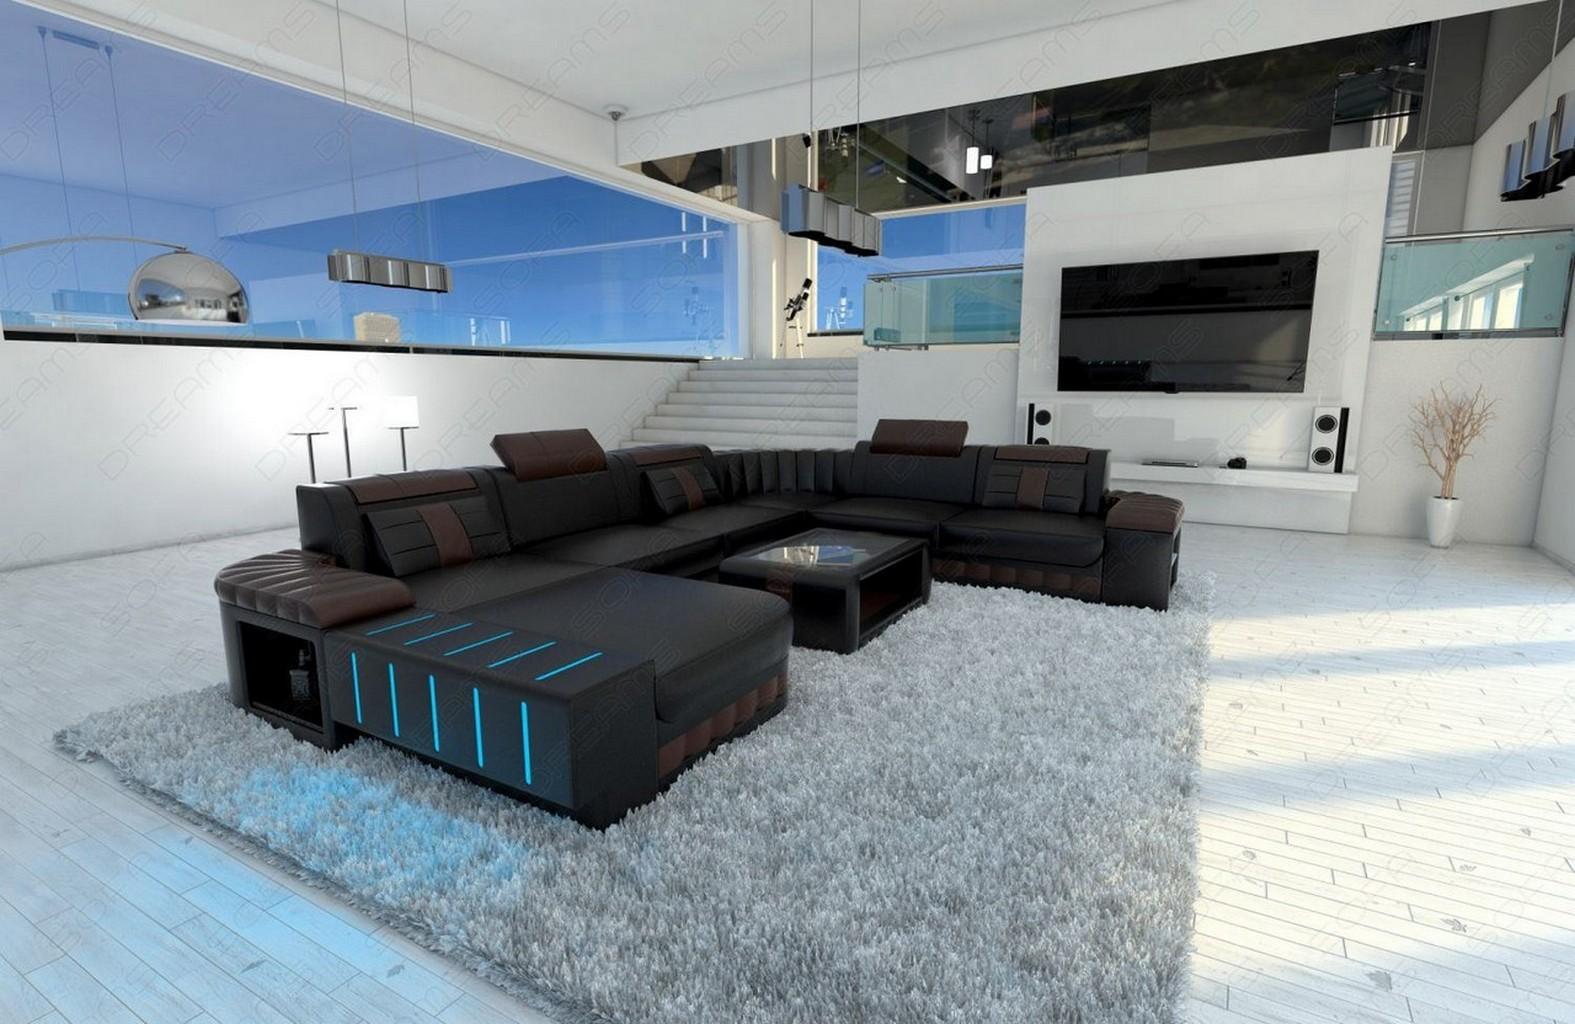 ecksofa wohnlandschaft bellagio xxl schwarz dunkelbraun. Black Bedroom Furniture Sets. Home Design Ideas